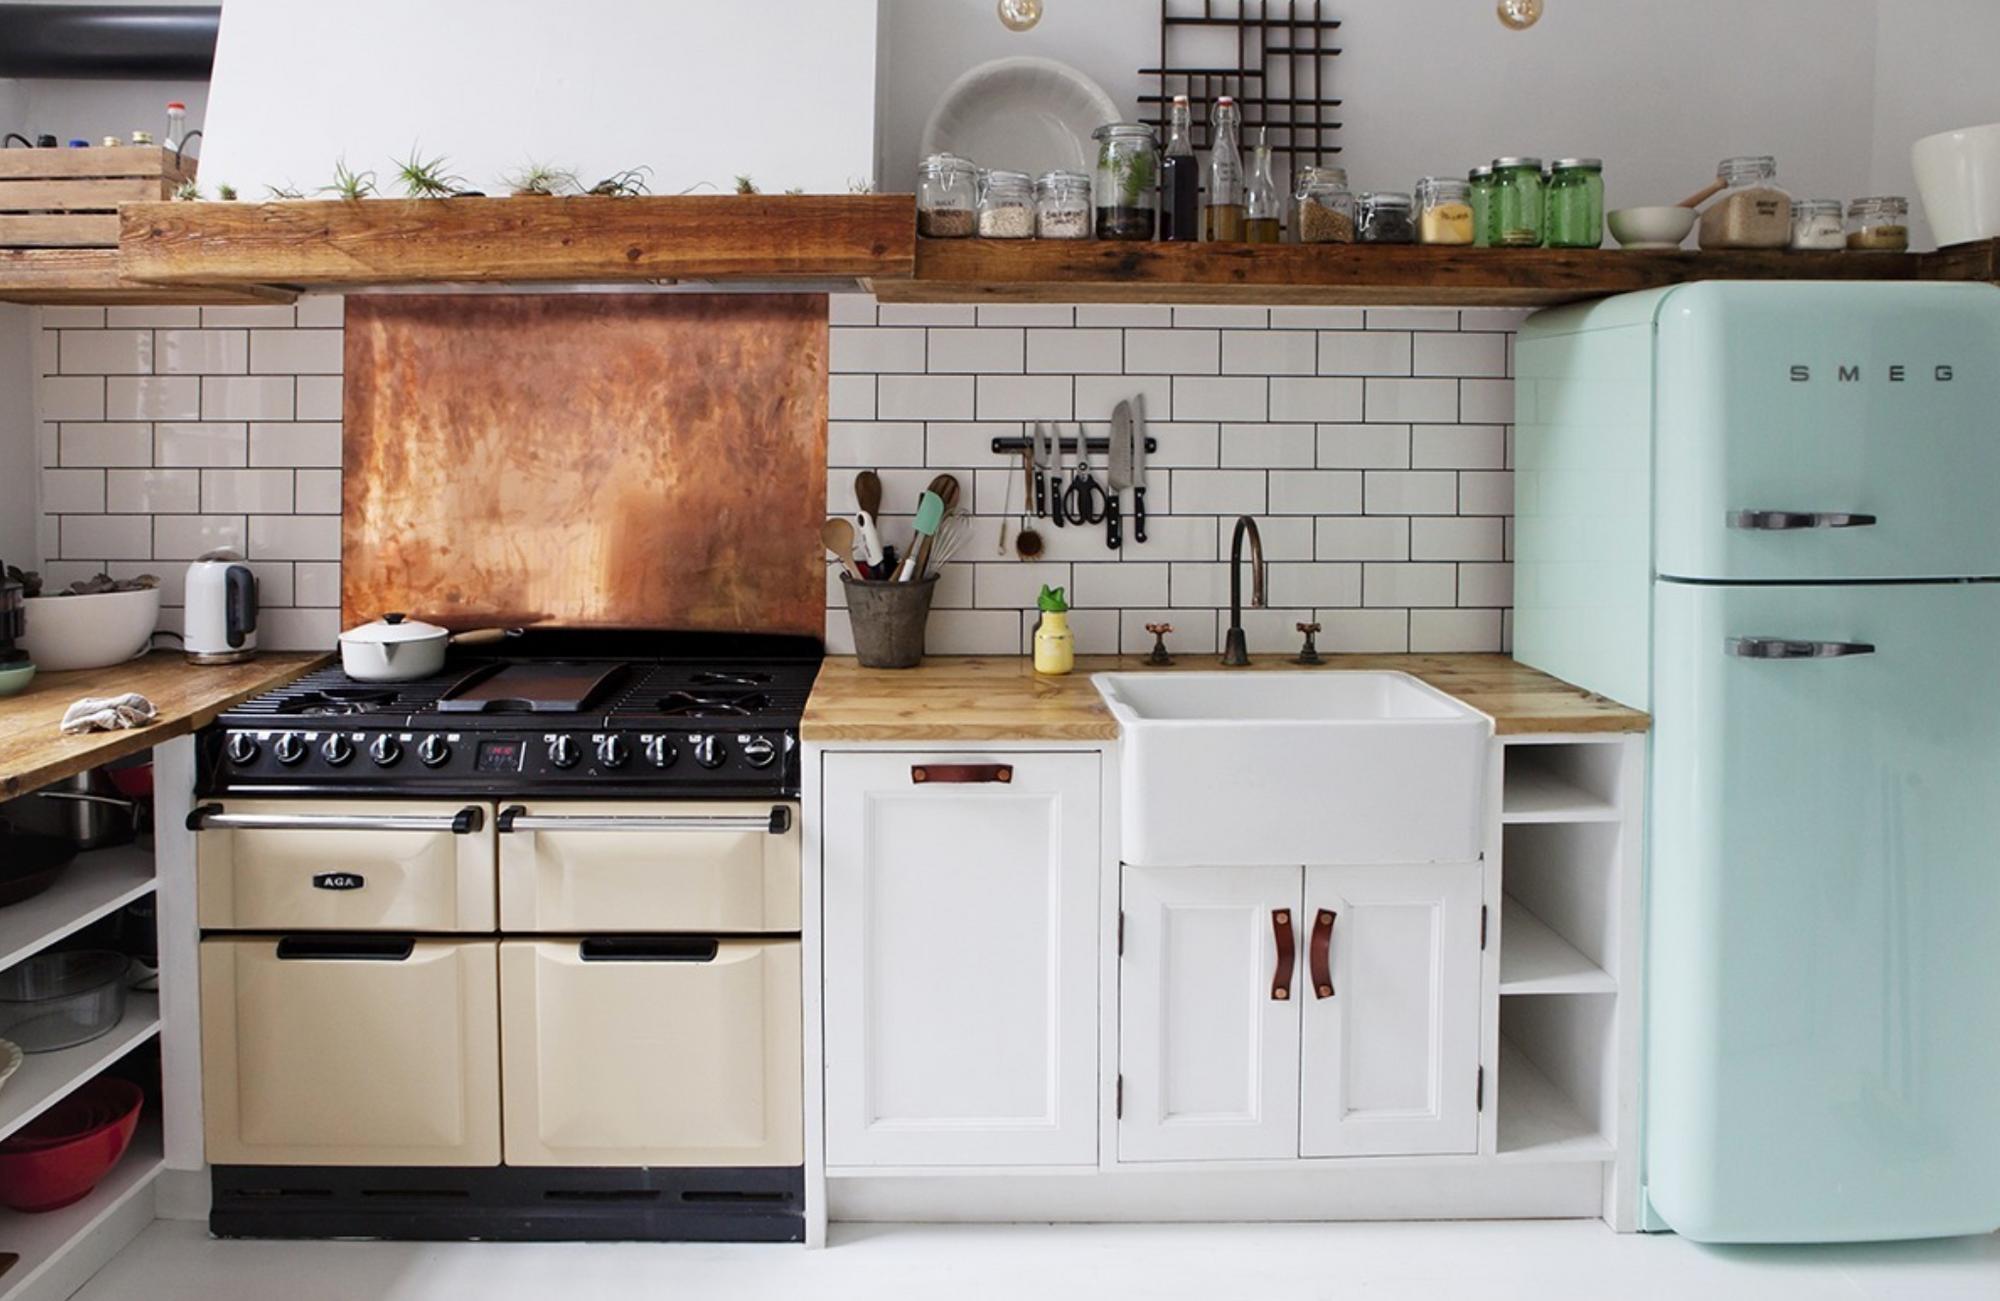 [kitchen] fridge counter sink